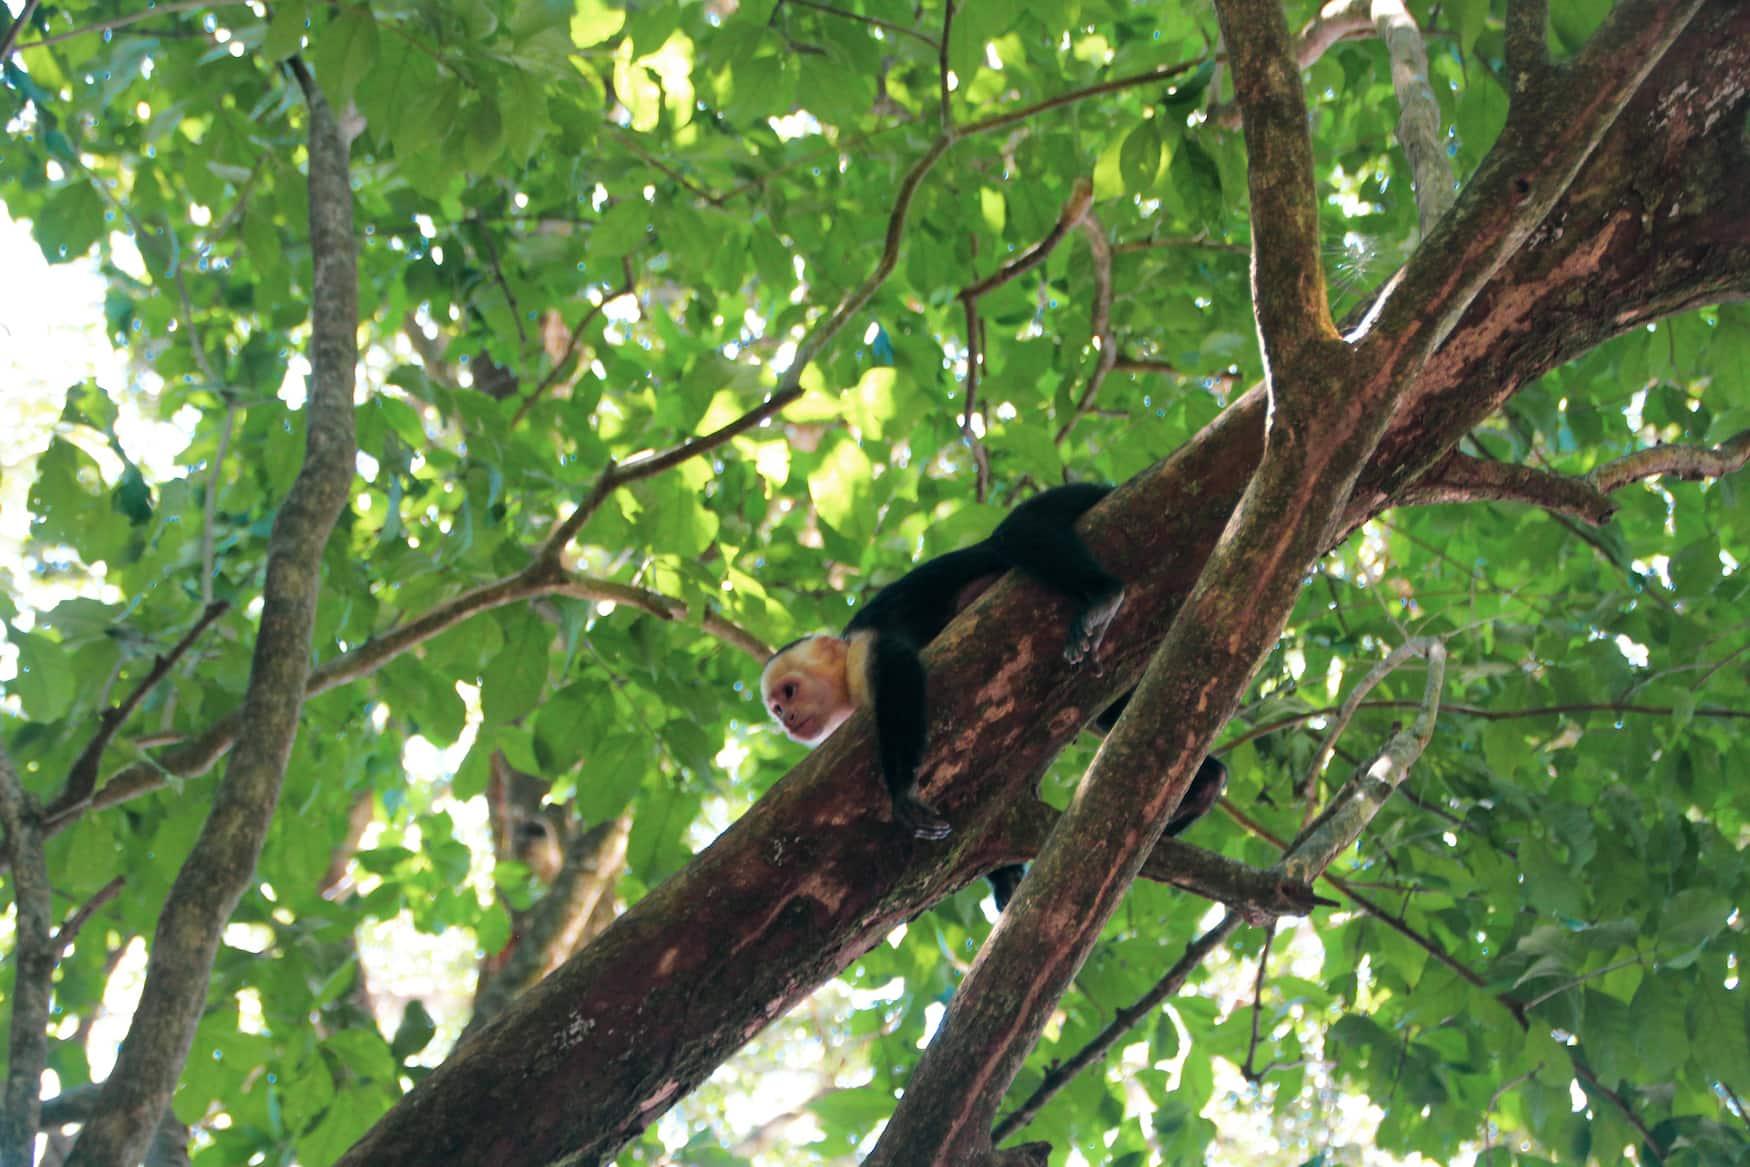 Affe auf Baum in Nationalpark in Costa Rica